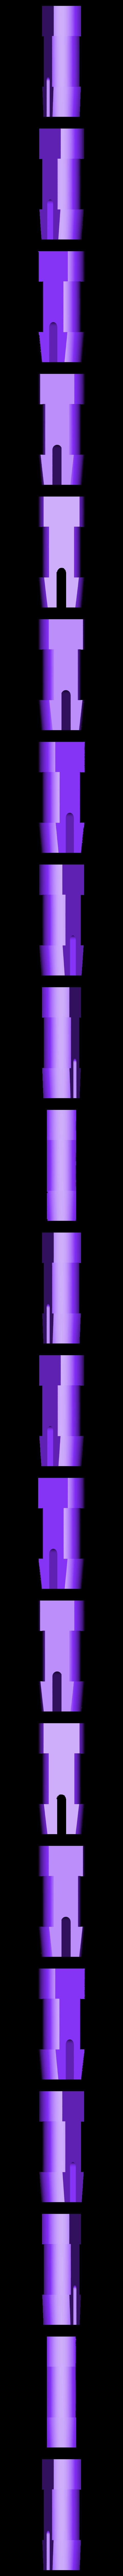 SmallPinx4.stl Télécharger fichier STL gratuit Shellmo (Remix) • Plan imprimable en 3D, ROYLO